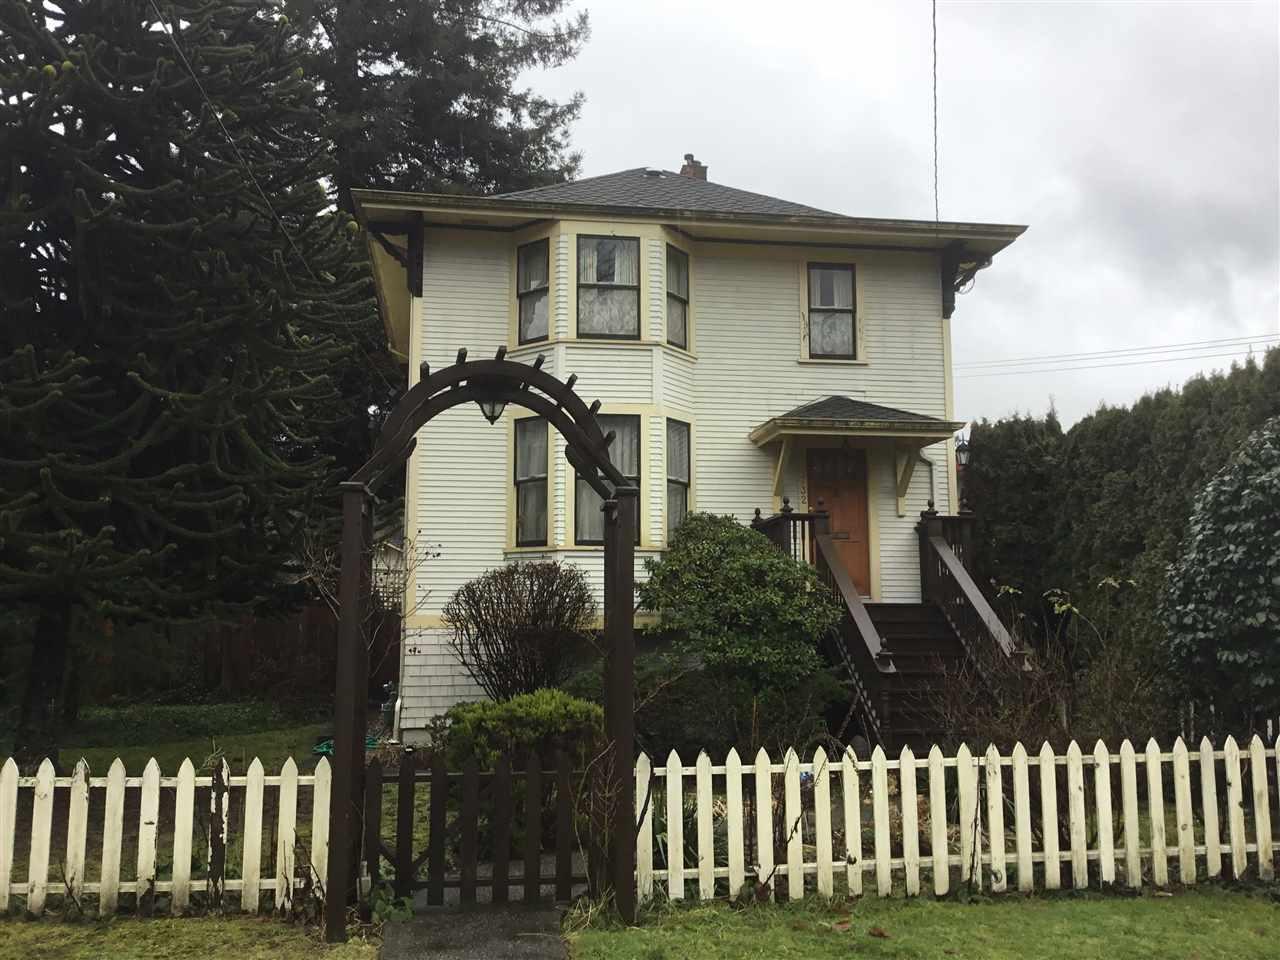 1732 BEWICKE AVENUE, North Vancouver, BC V7M 3C4